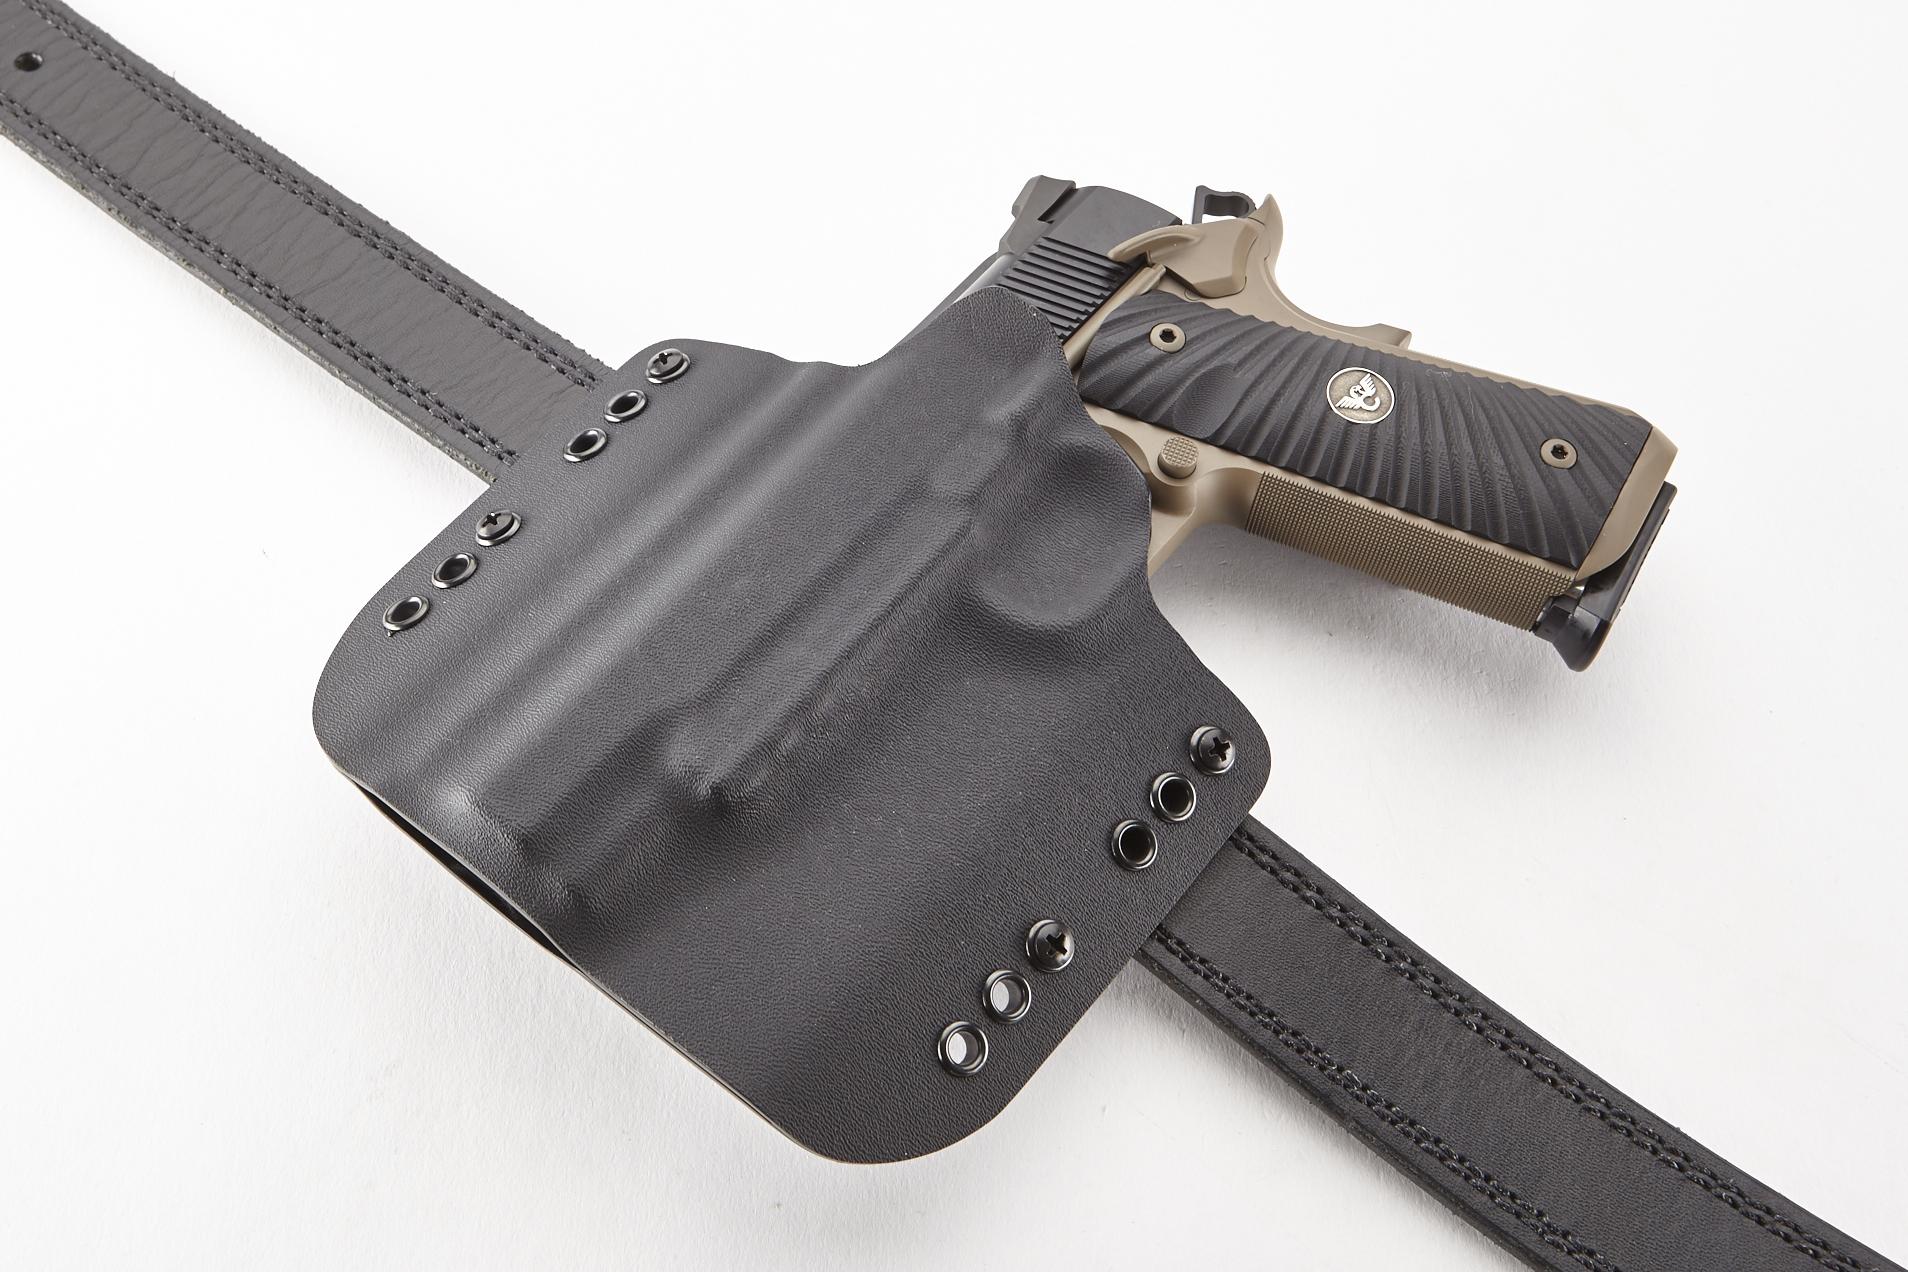 1911 full rail holster - Belgian Malinois K9 Leather Gun Holster